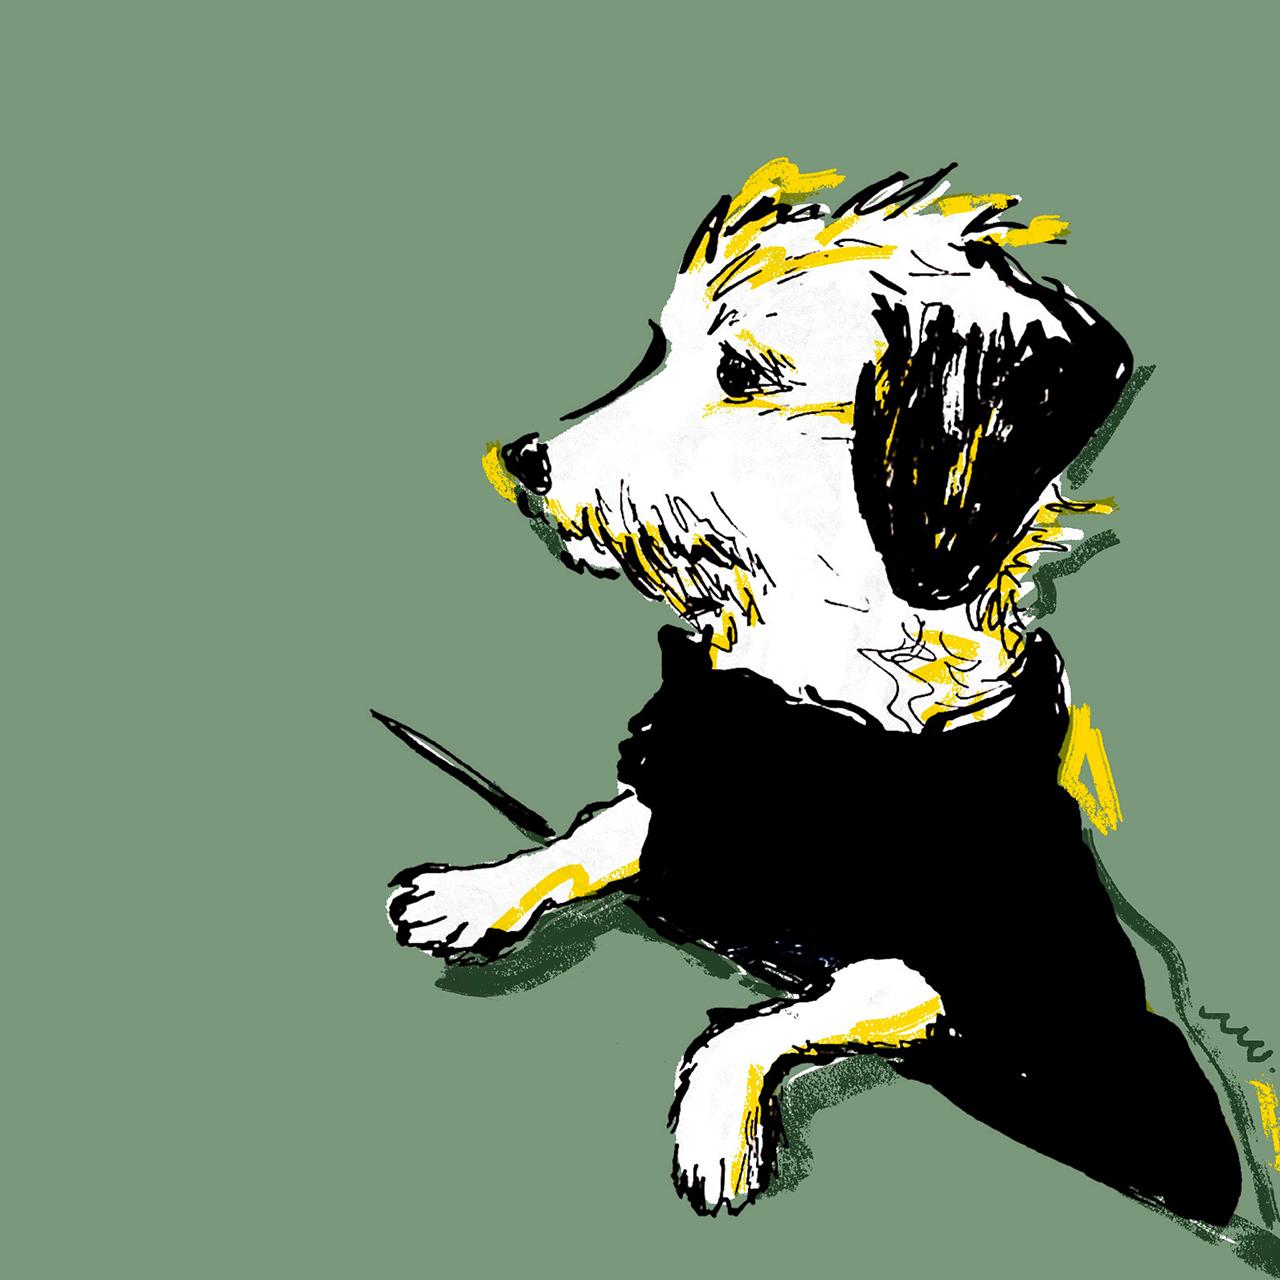 愛犬の肖像画(デジタル着彩)【受注制作】【データ納品】